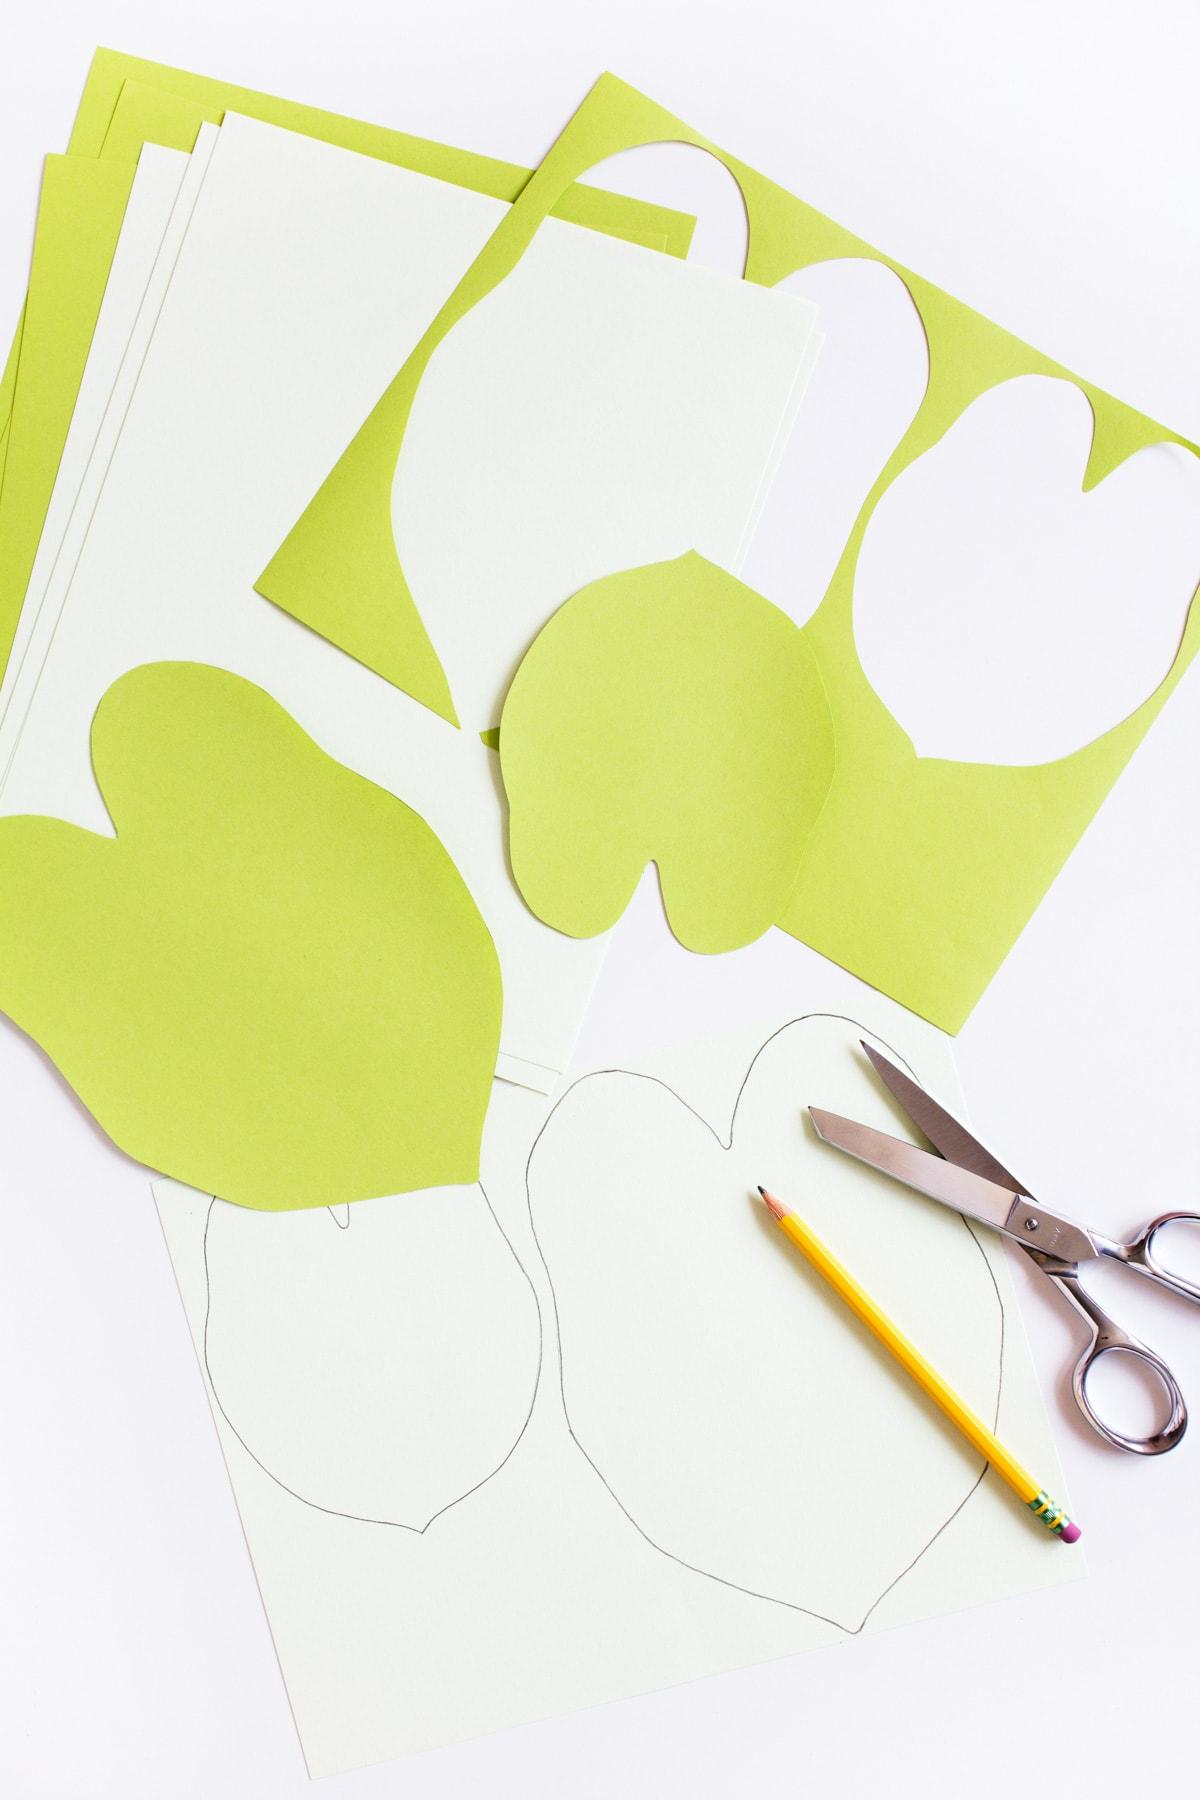 photo de la première étape de la fabrication d'une usine de papier bricolage par la blogueuse de mode de vie de premier plan Ashley Rose de Sugar & Cloth